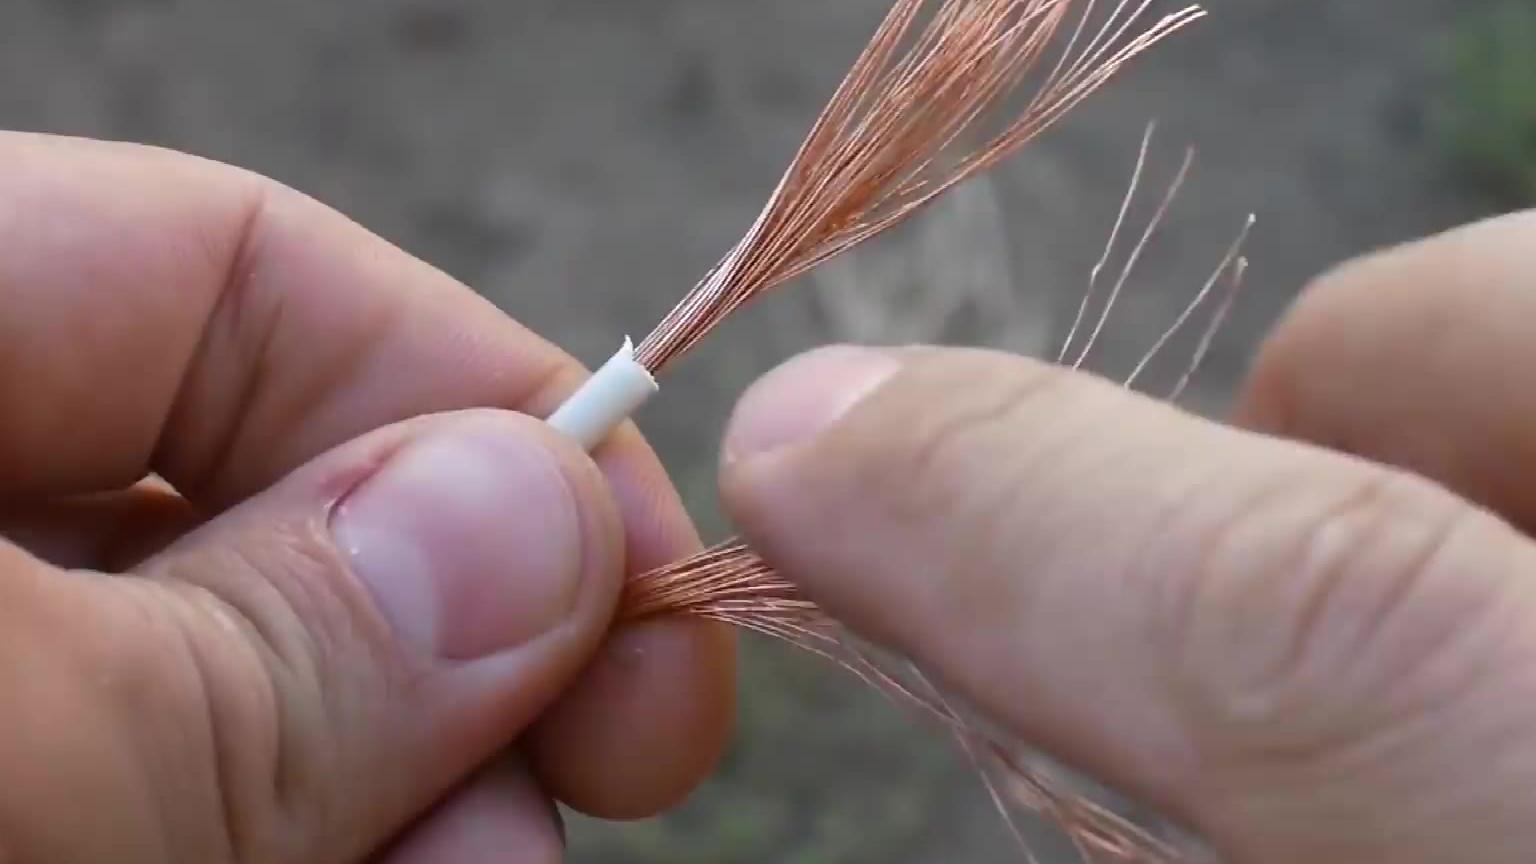 接个电线两根随便一拧?这样接更牢固